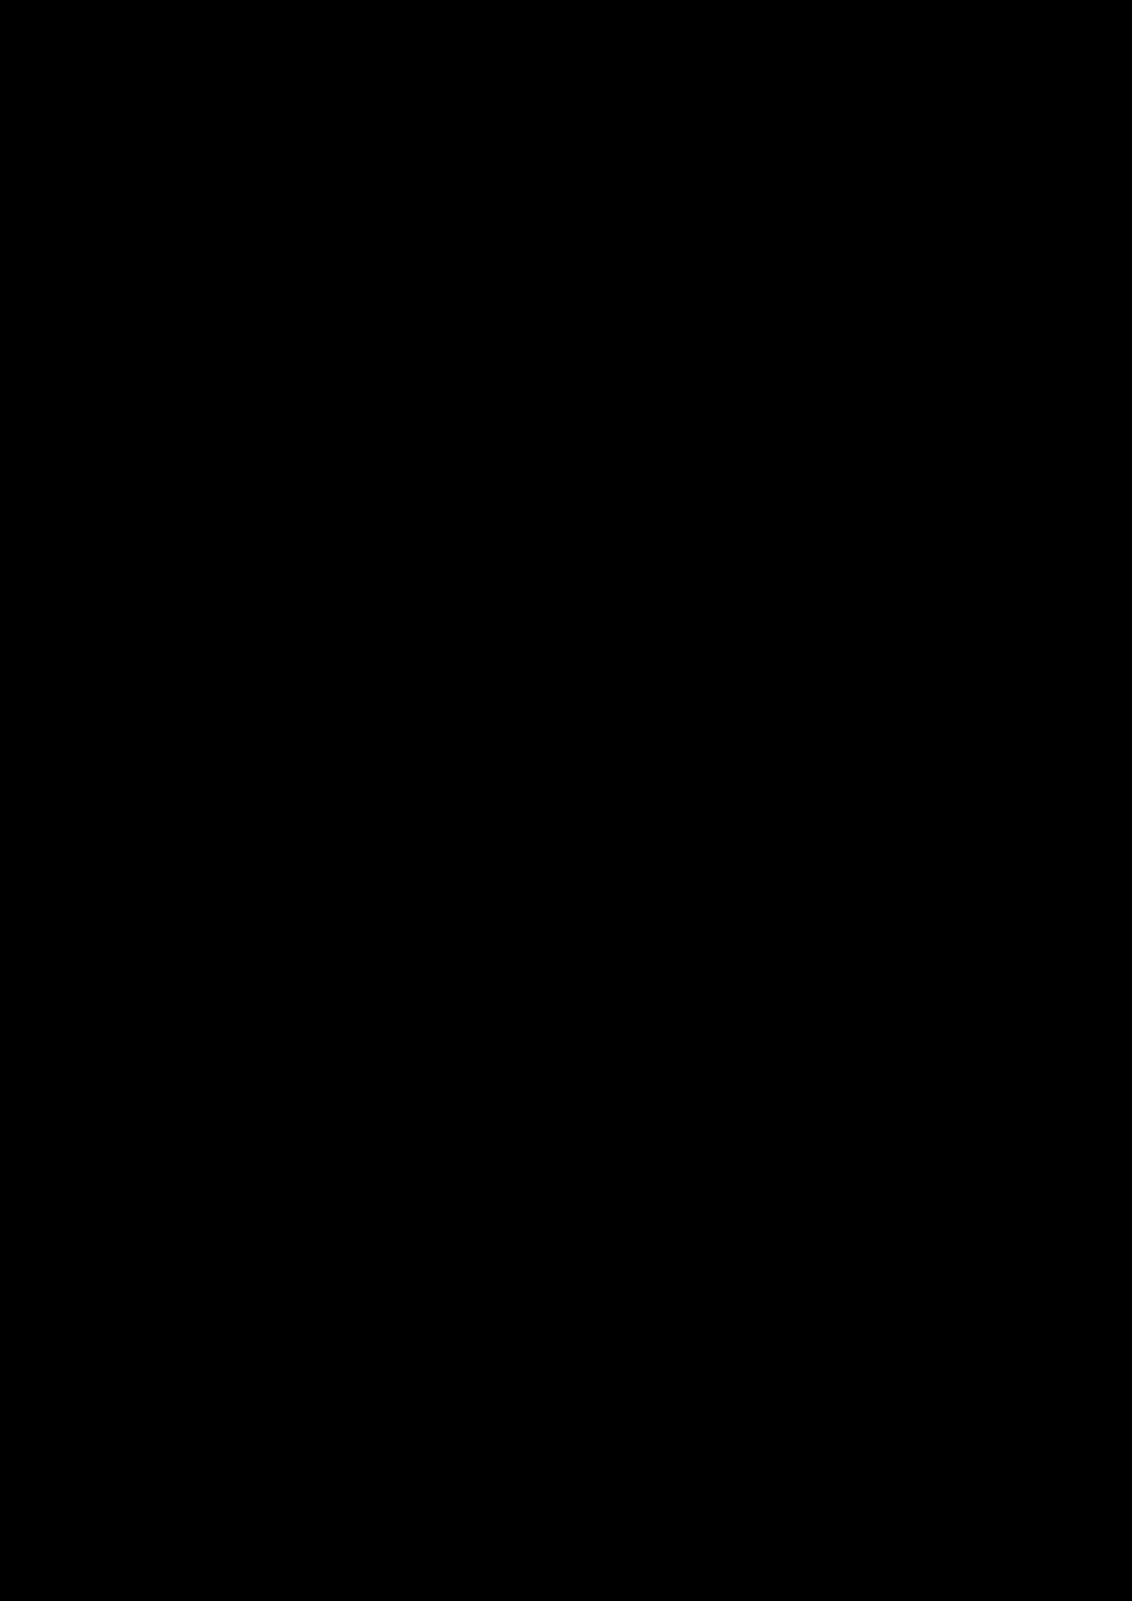 Zagadka volshebnoy stranyi slide, Image 100